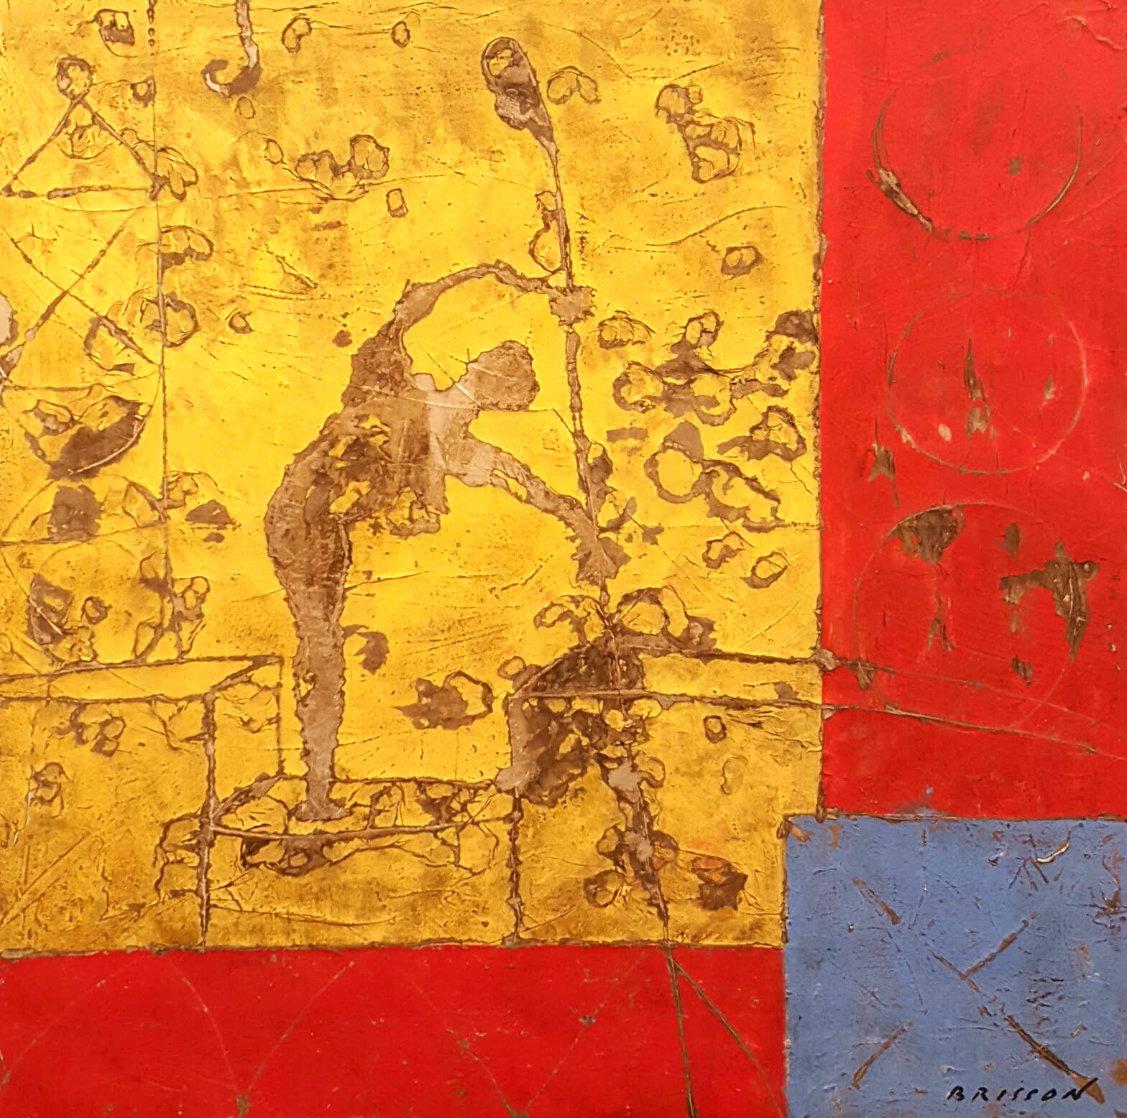 Batisseur 50x50  Huge Original Painting by Pierre Marie Brisson